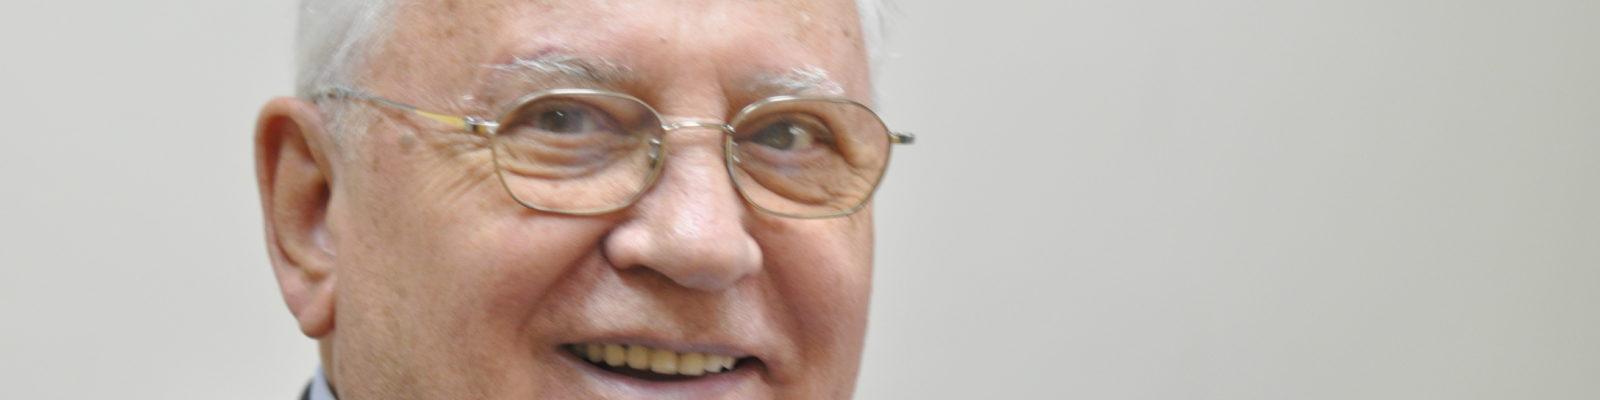 Gorbatschow: USA und Russland müssen verhandeln und Wettrüsten stoppen!